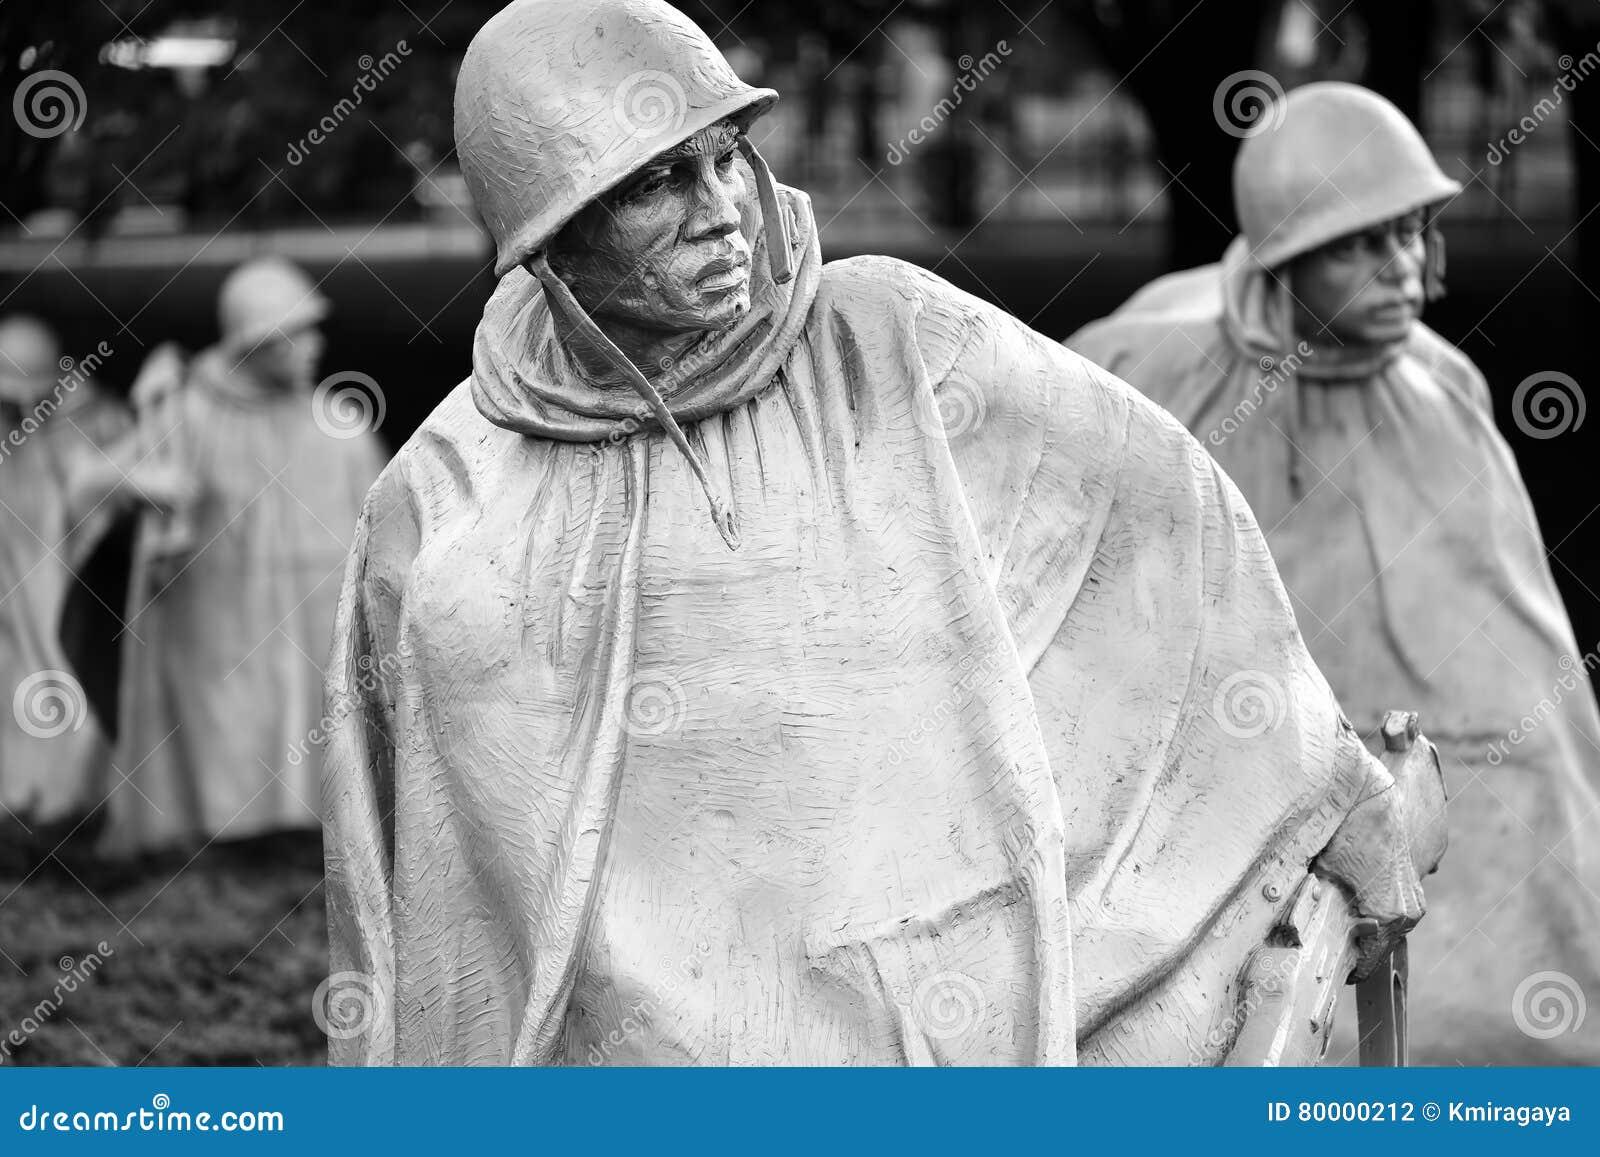 Το μνημείο παλαιμάχων Πολέμων της Κορέας στην Ουάσιγκτον Δ Γ